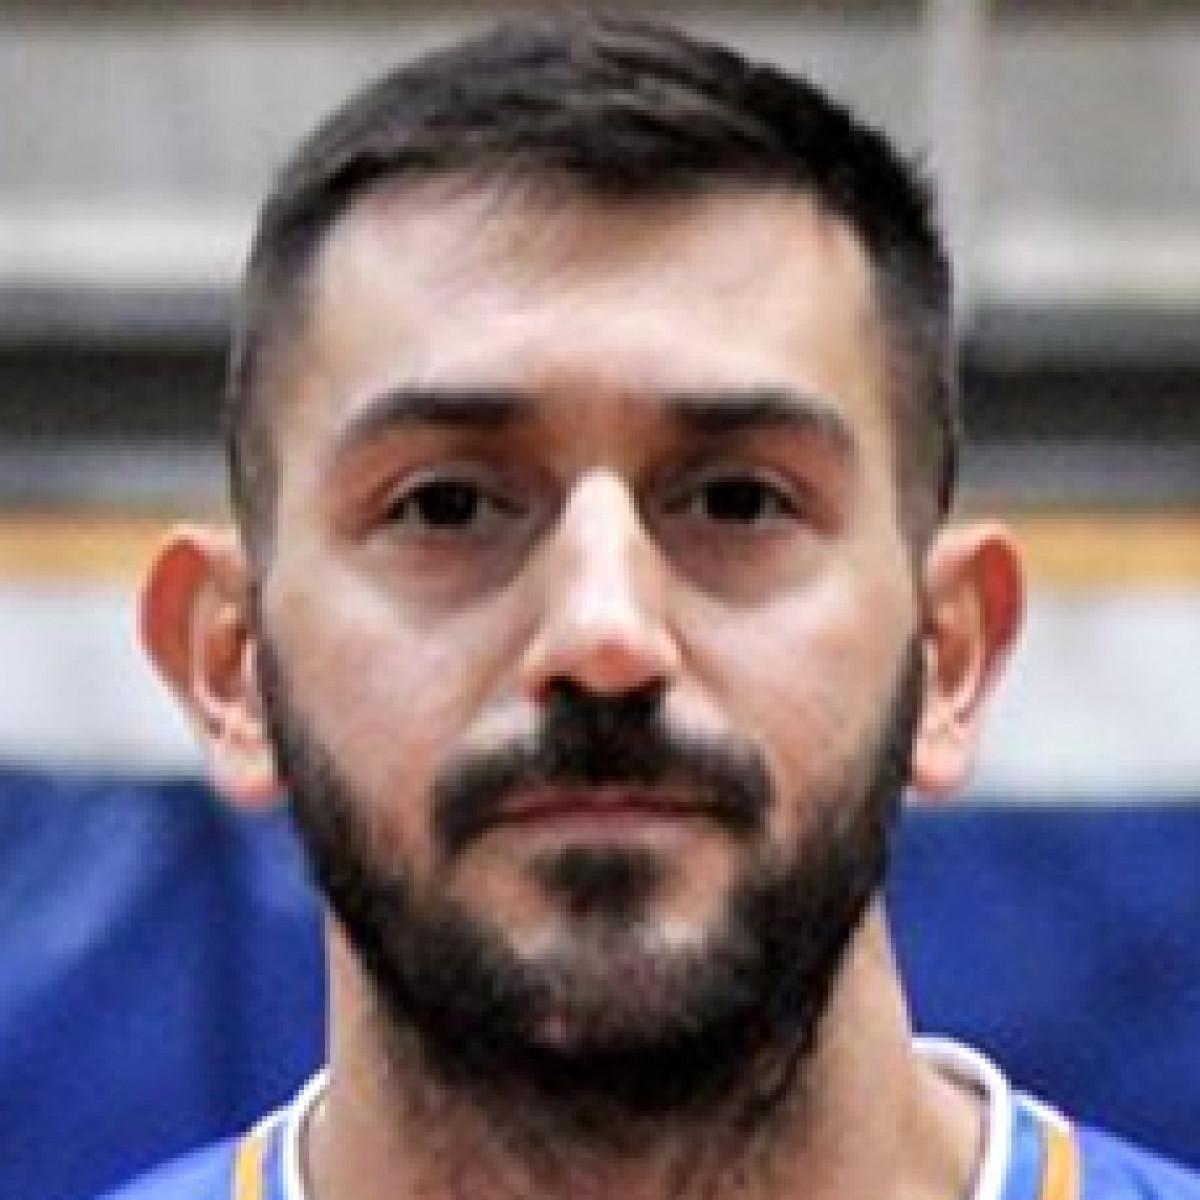 Giorgos Kerasovitis